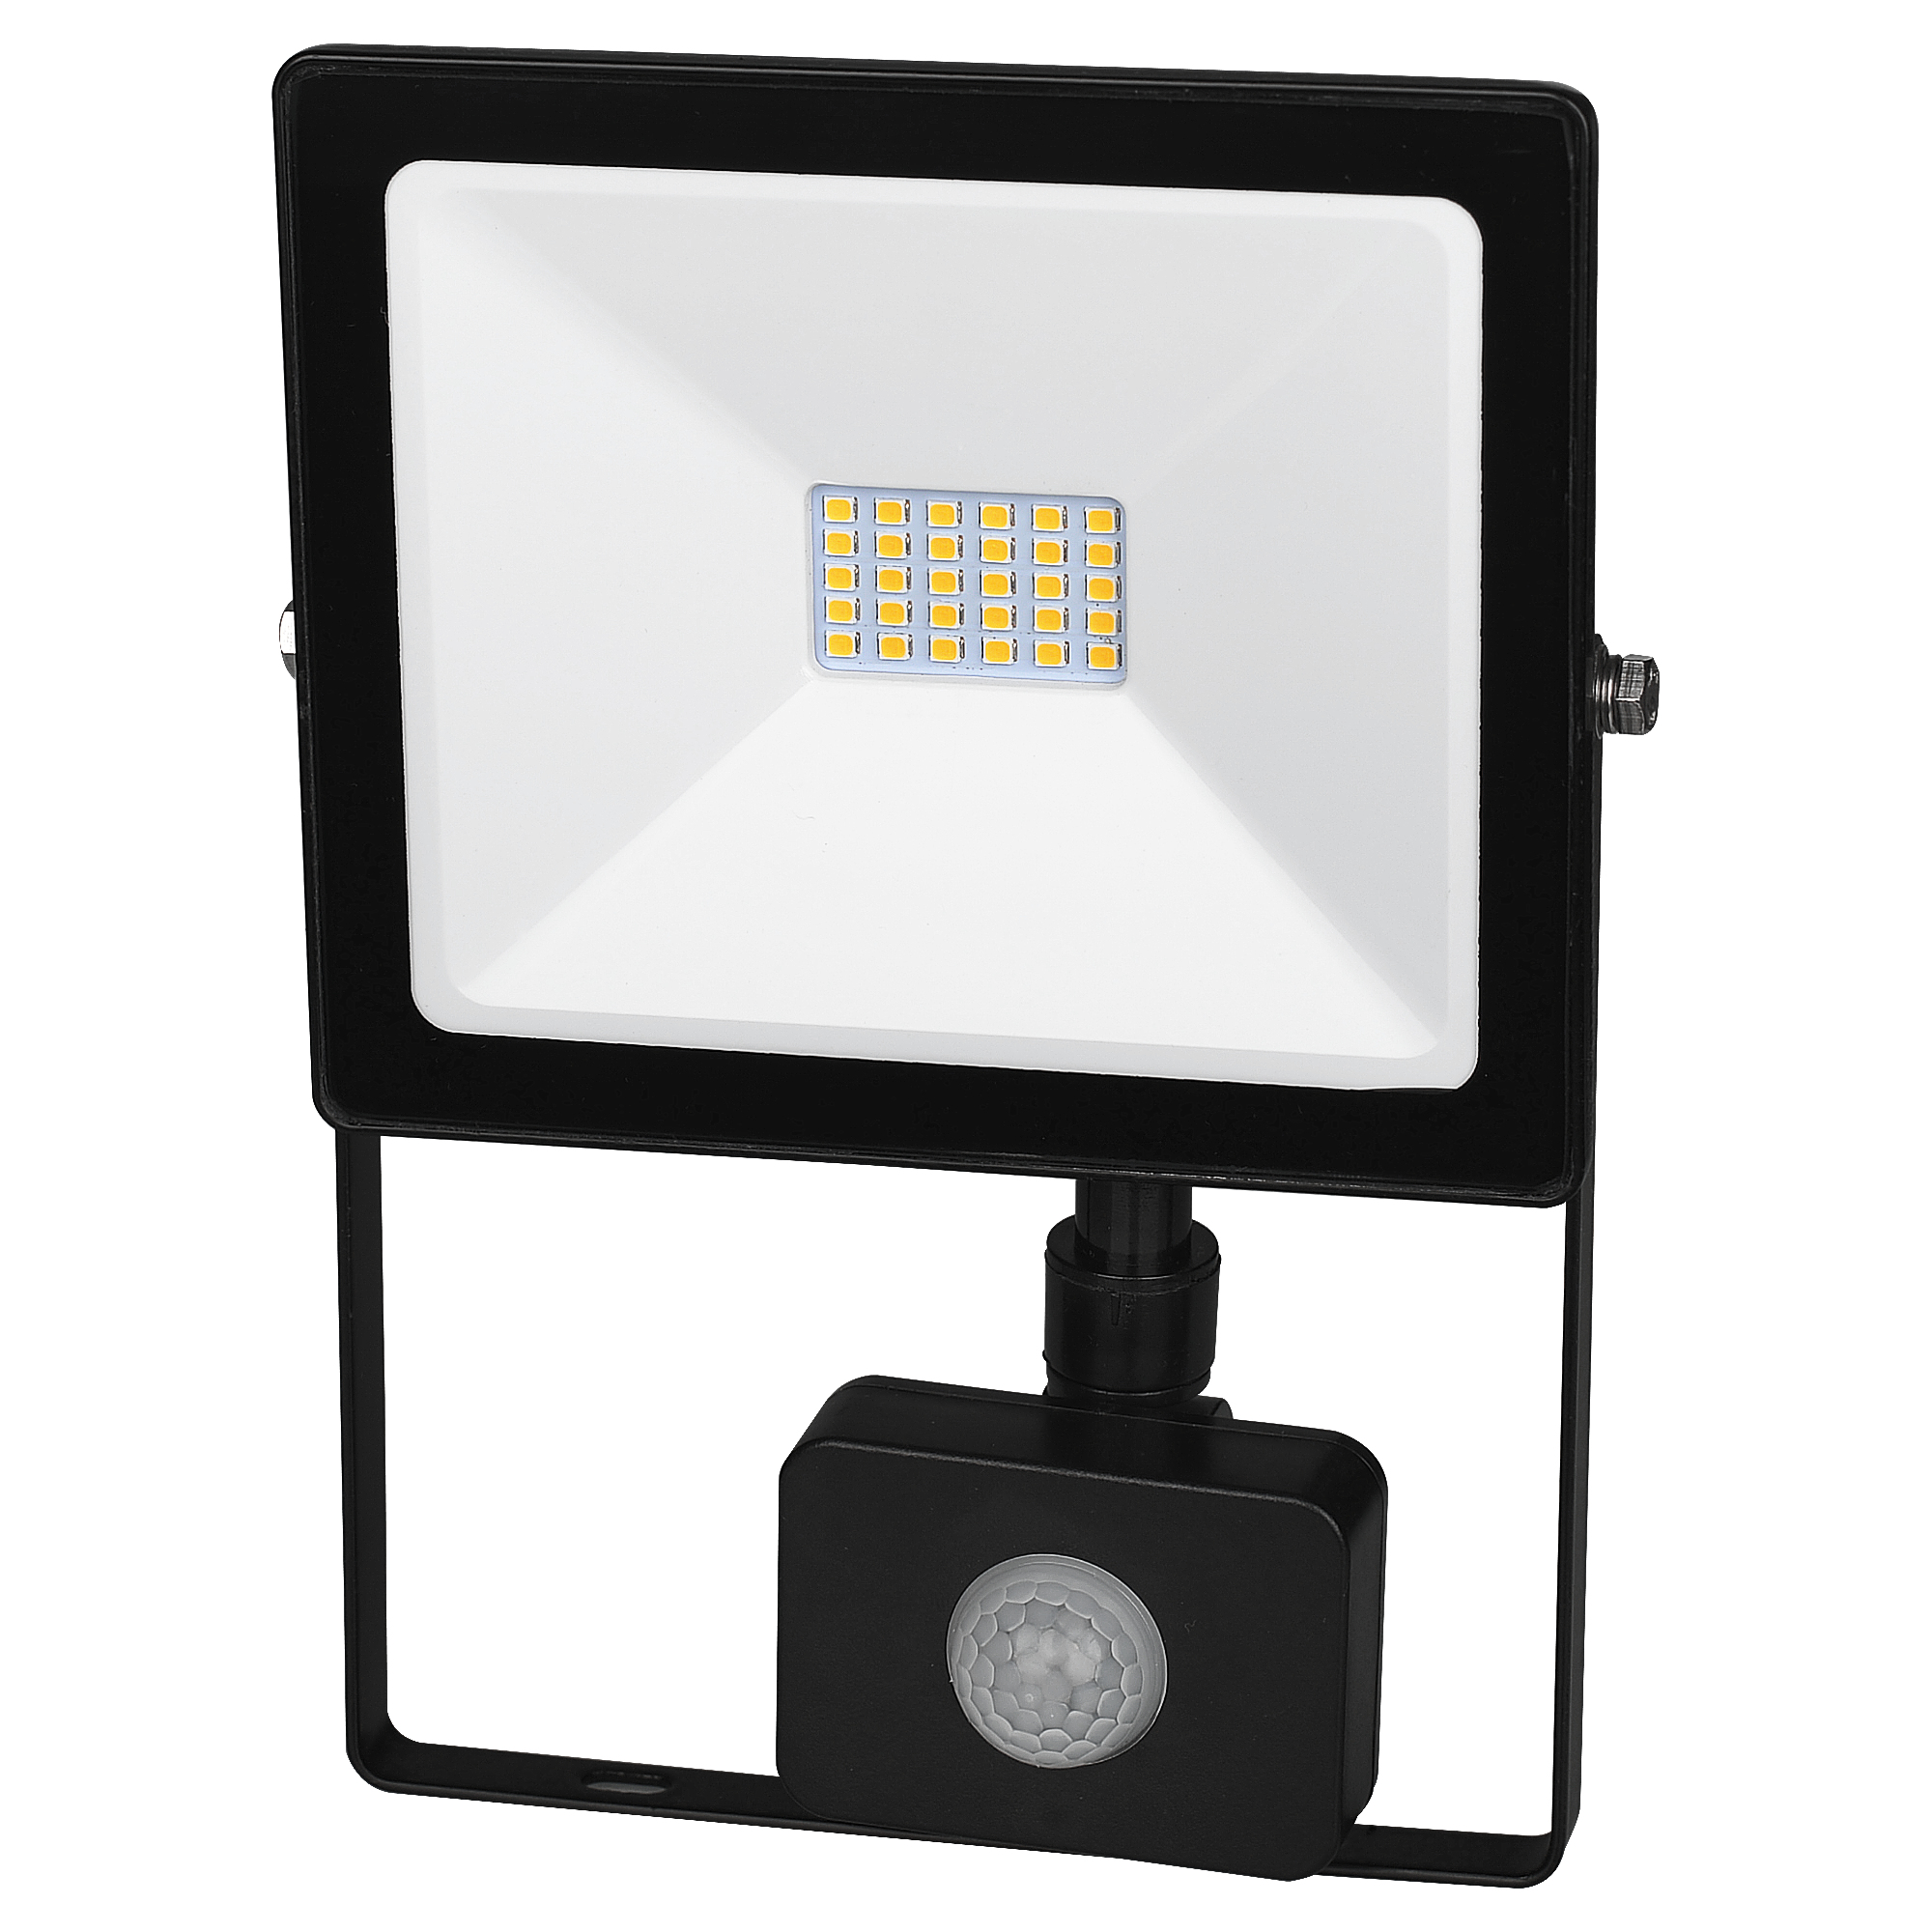 LED reflektor s čidlem pohybu DAISY LED PIR SMD 20W studená bílá - Greenlux (GXDS117)